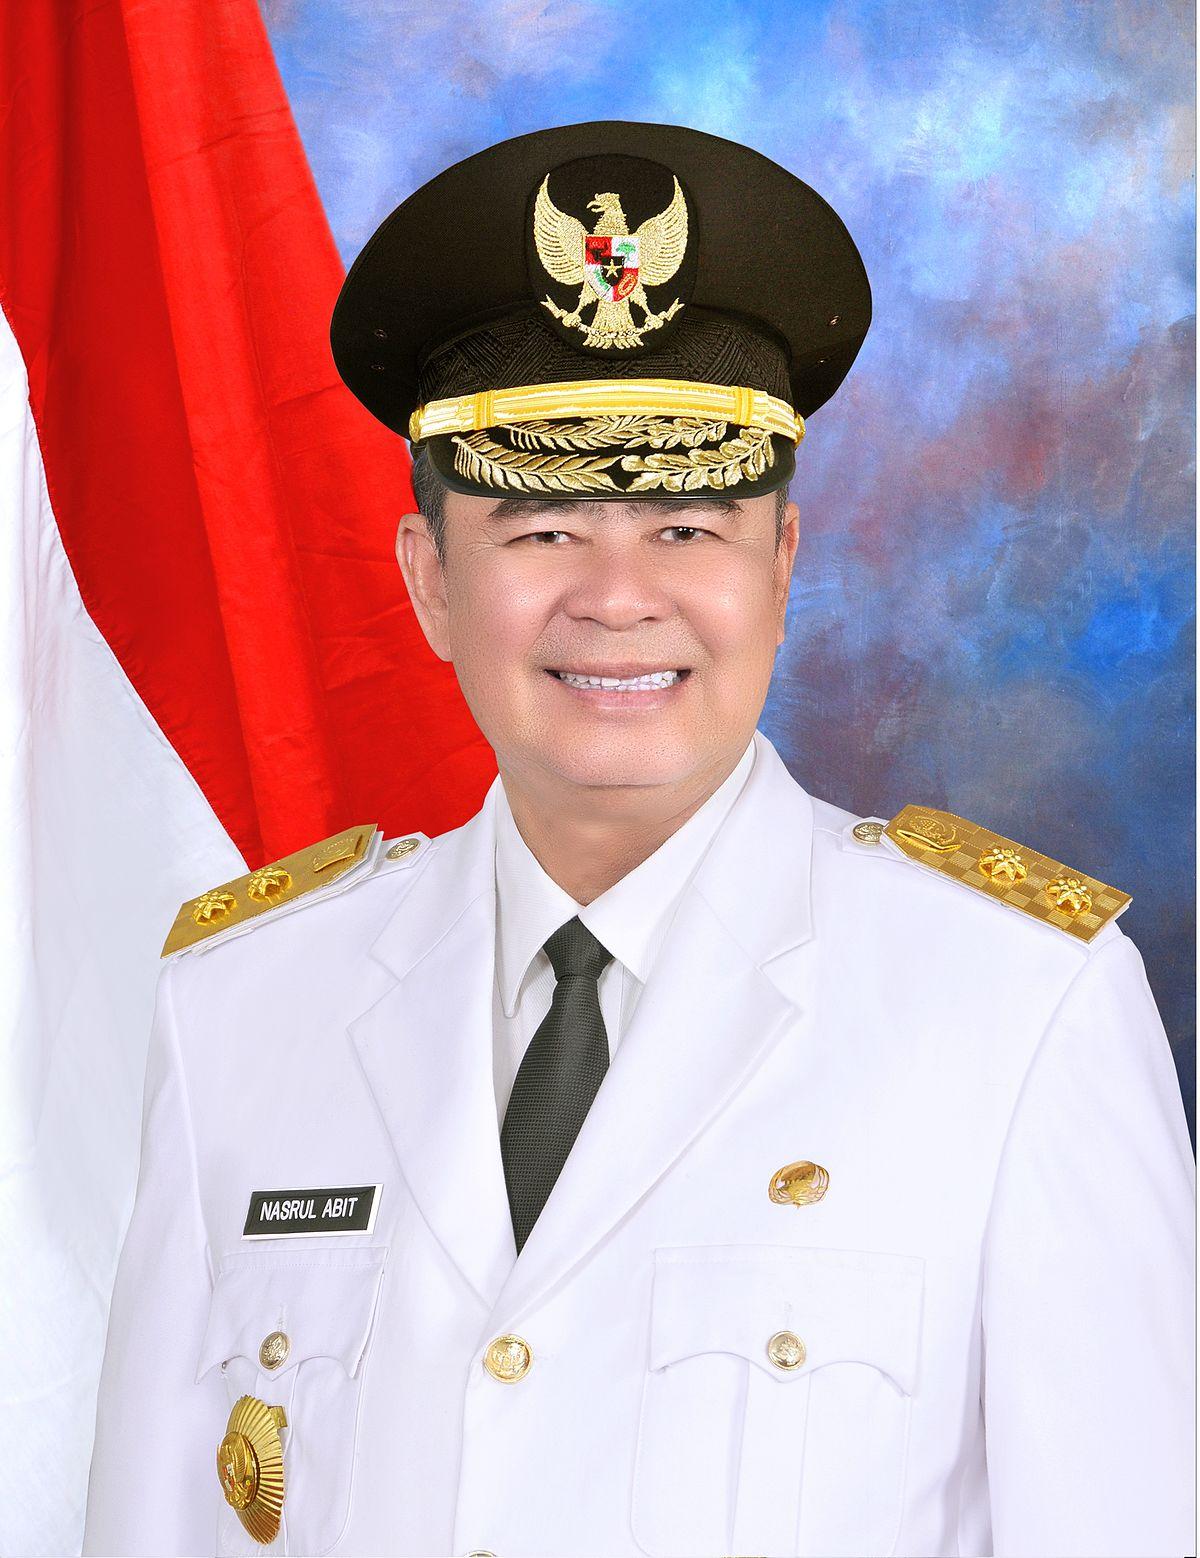 nasrul abit wikipedia bahasa indonesia ensiklopedia bebas